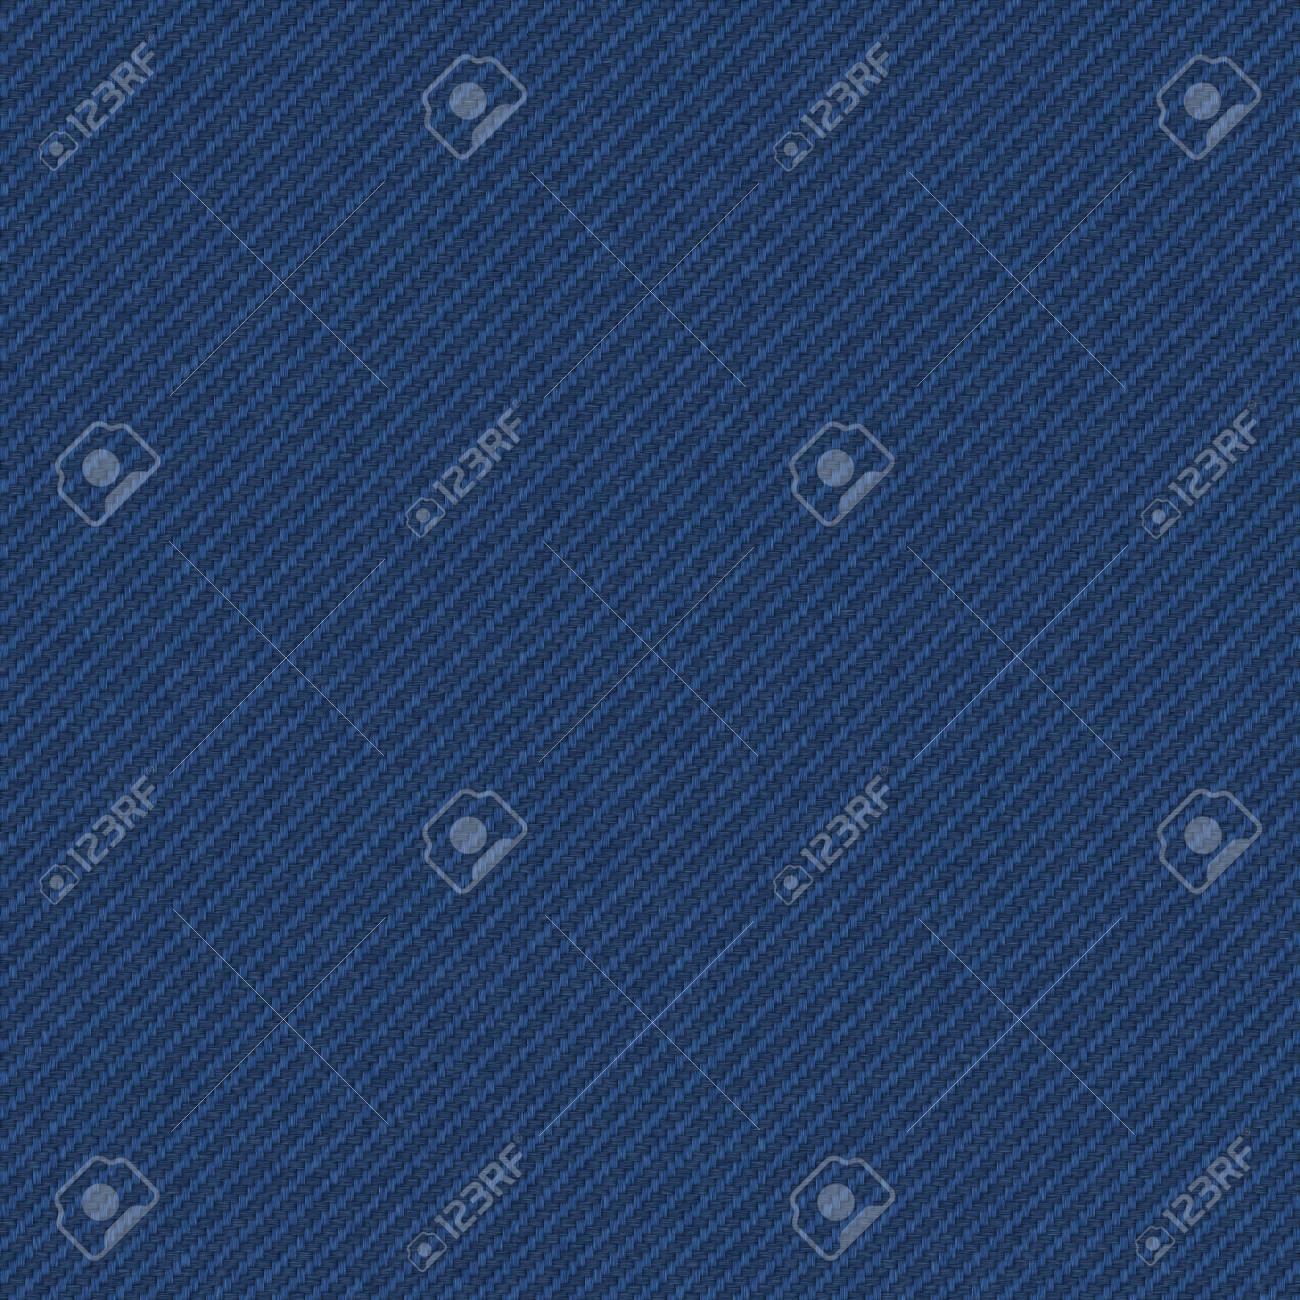 0409f9599 Textura de mezclilla azul parecido de ilustración